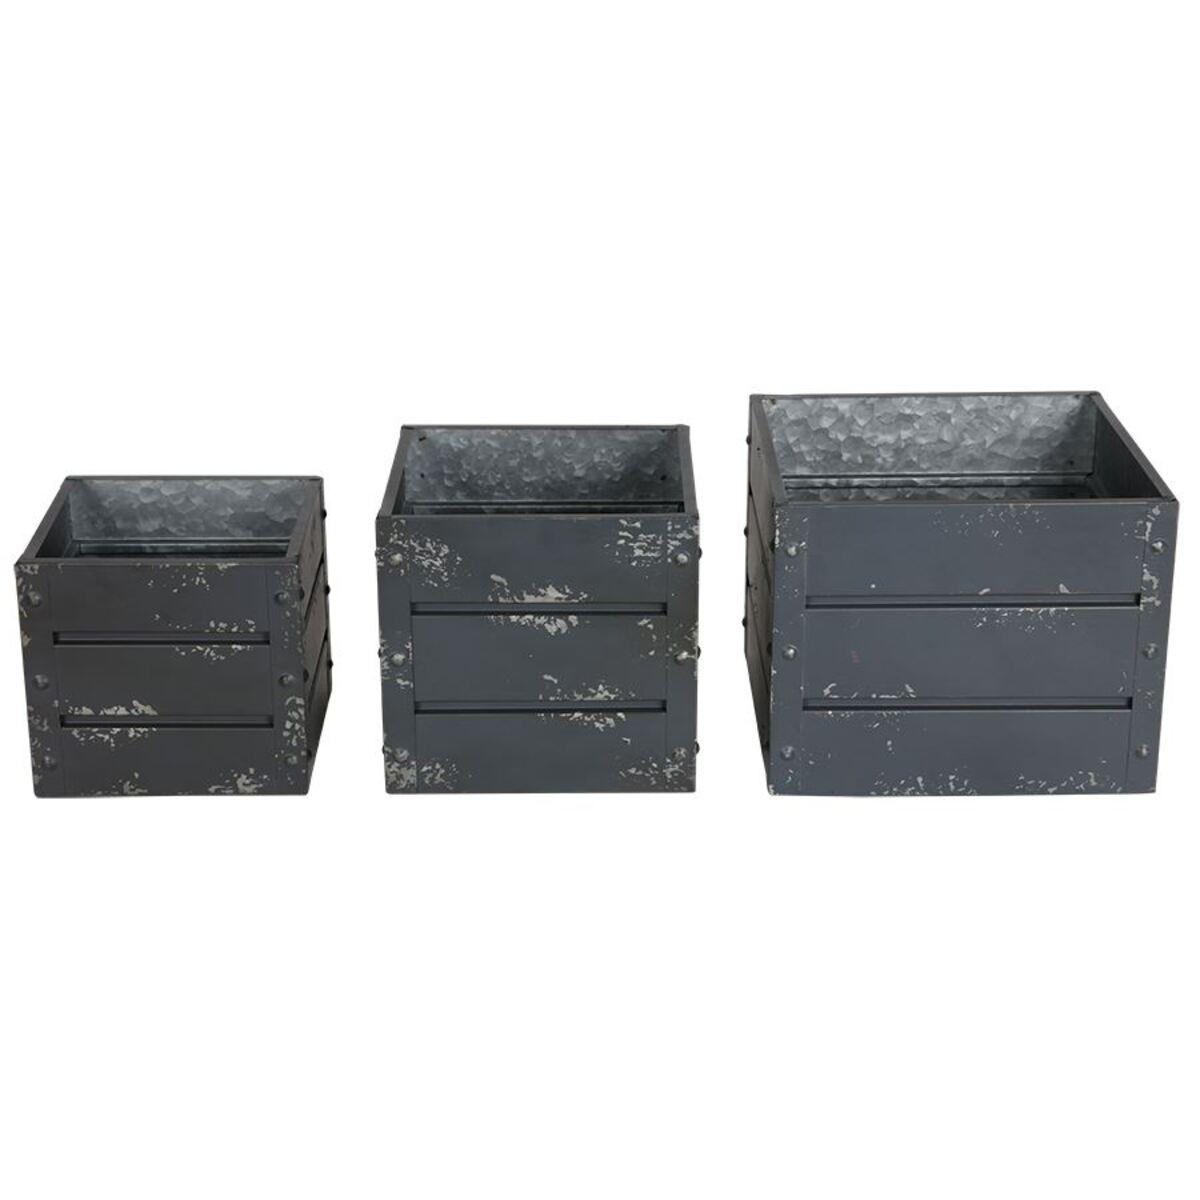 Bild 3 von Zink-Übertöpfe Container-Design Anthrazit 3er-Set